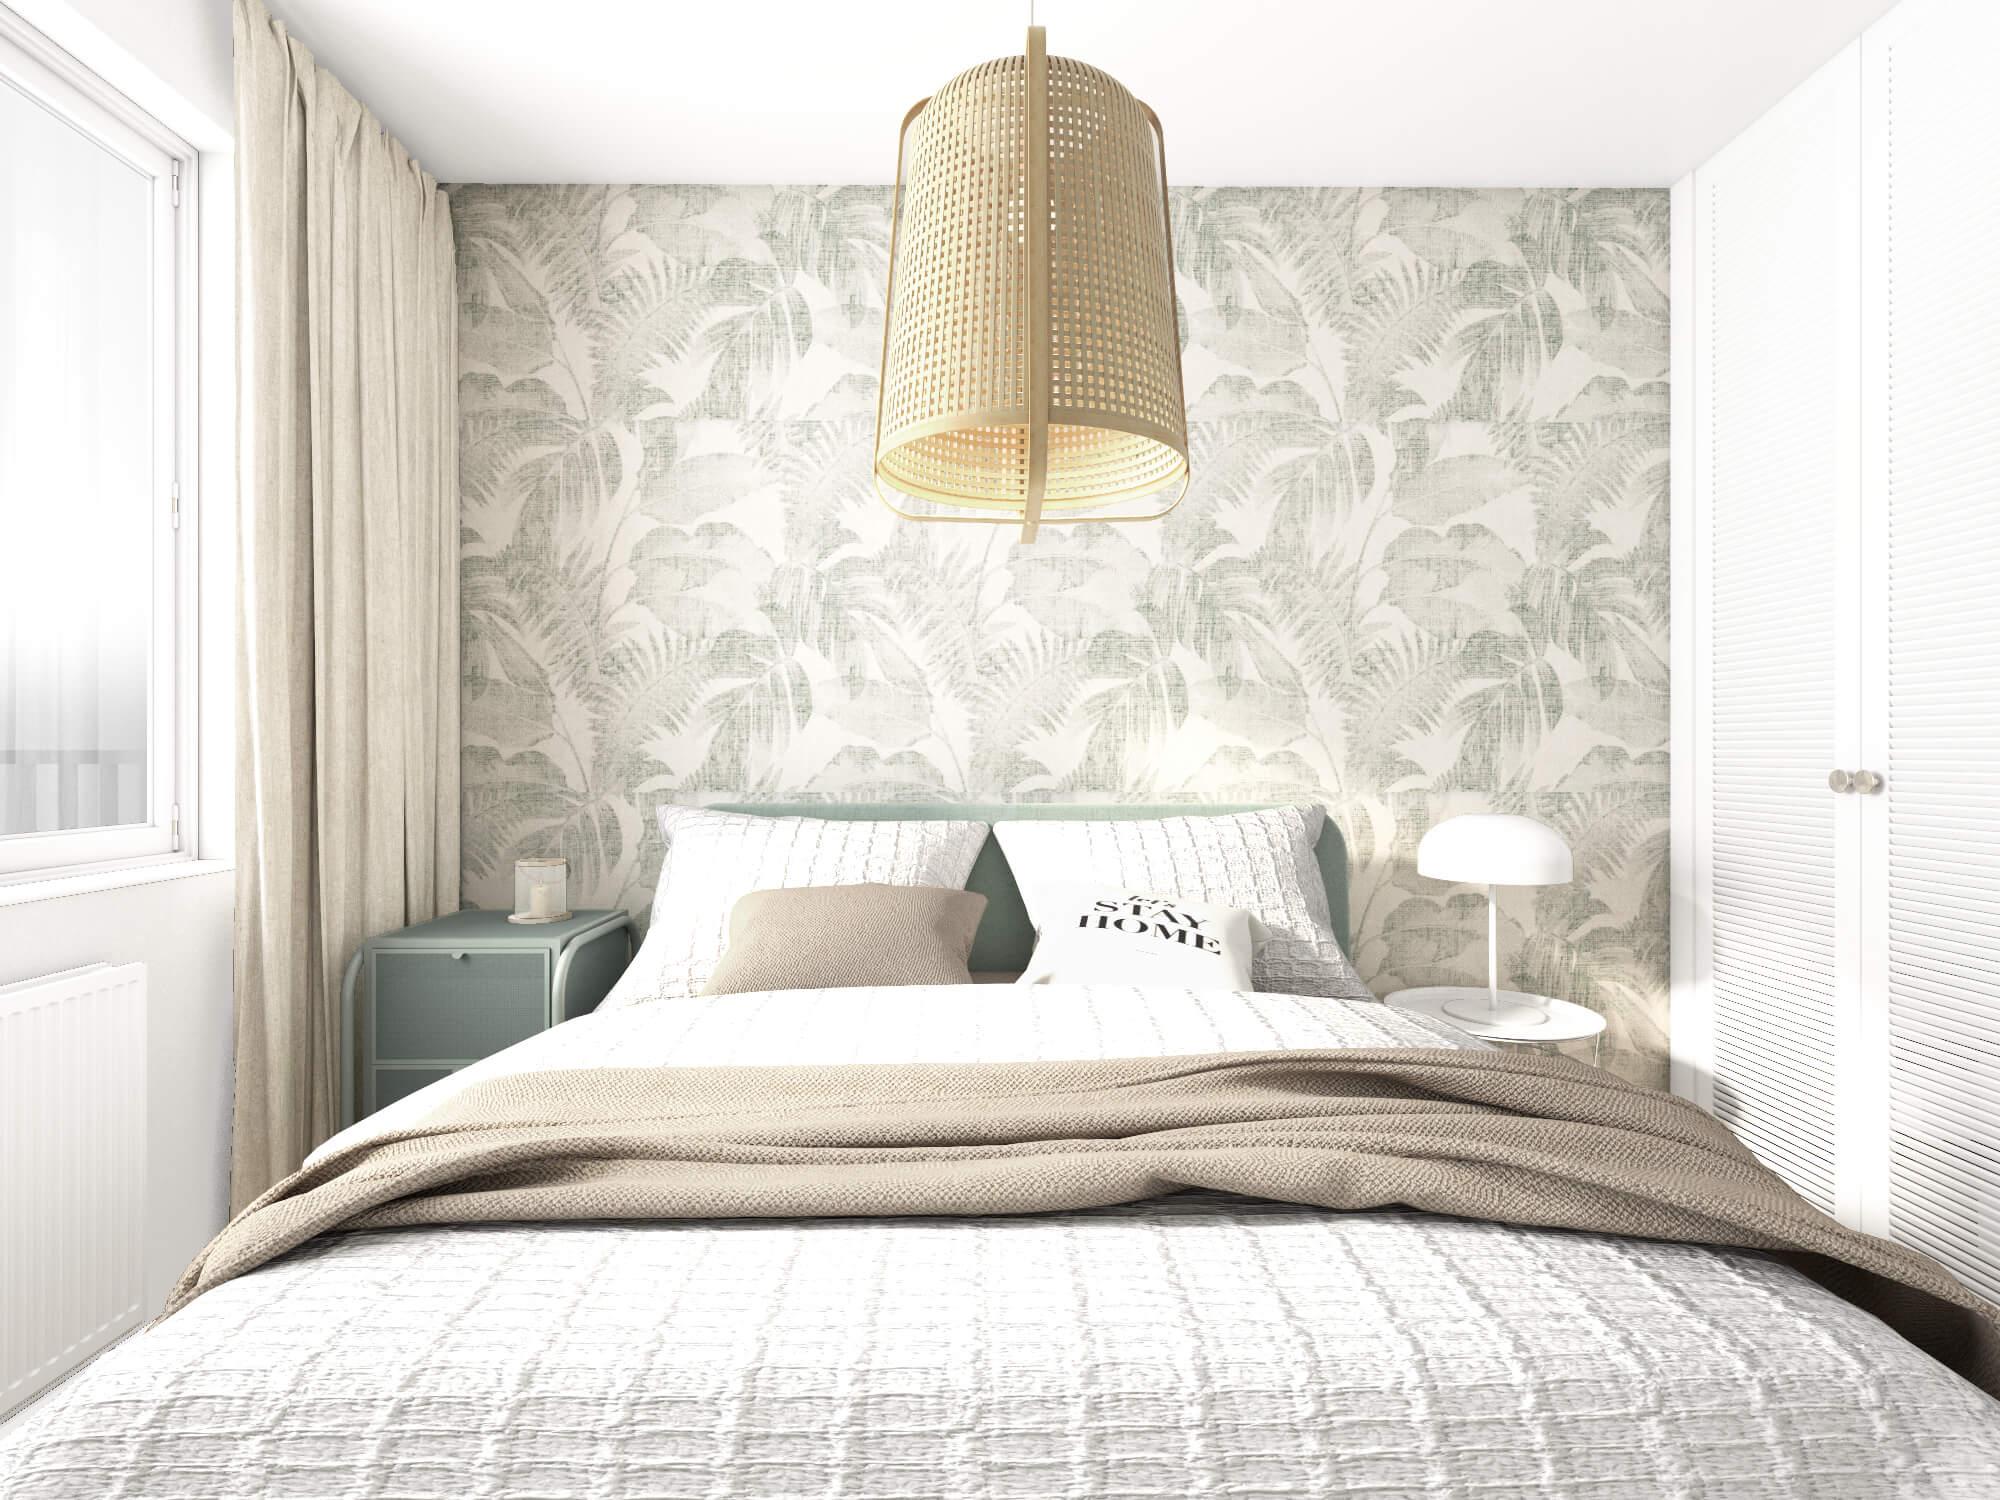 Sypialnia z lampą w stylu boho